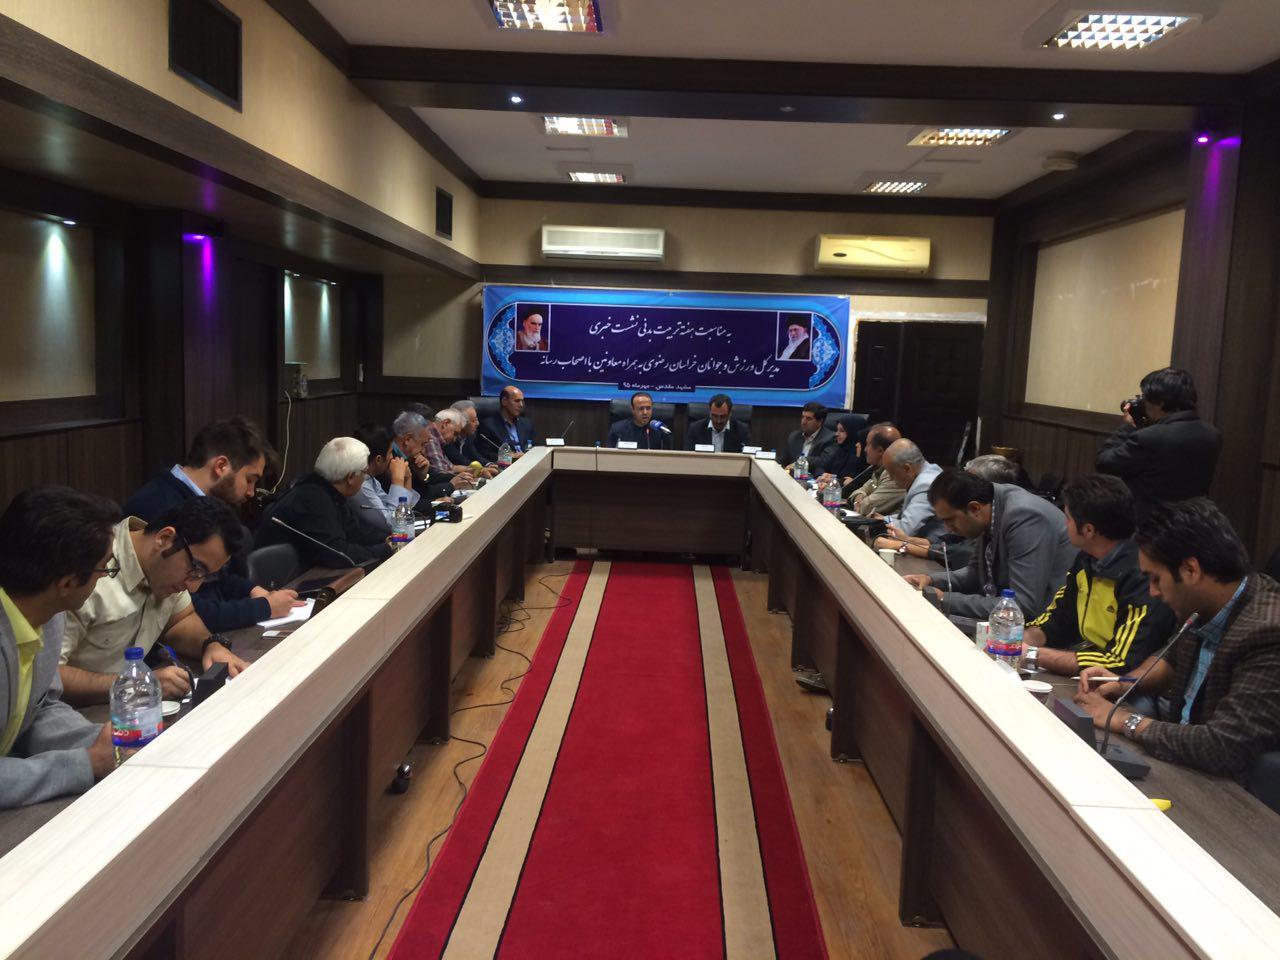 برگزاری یادواره 400 شهید ورزشکار در هفته تربیت بدنی